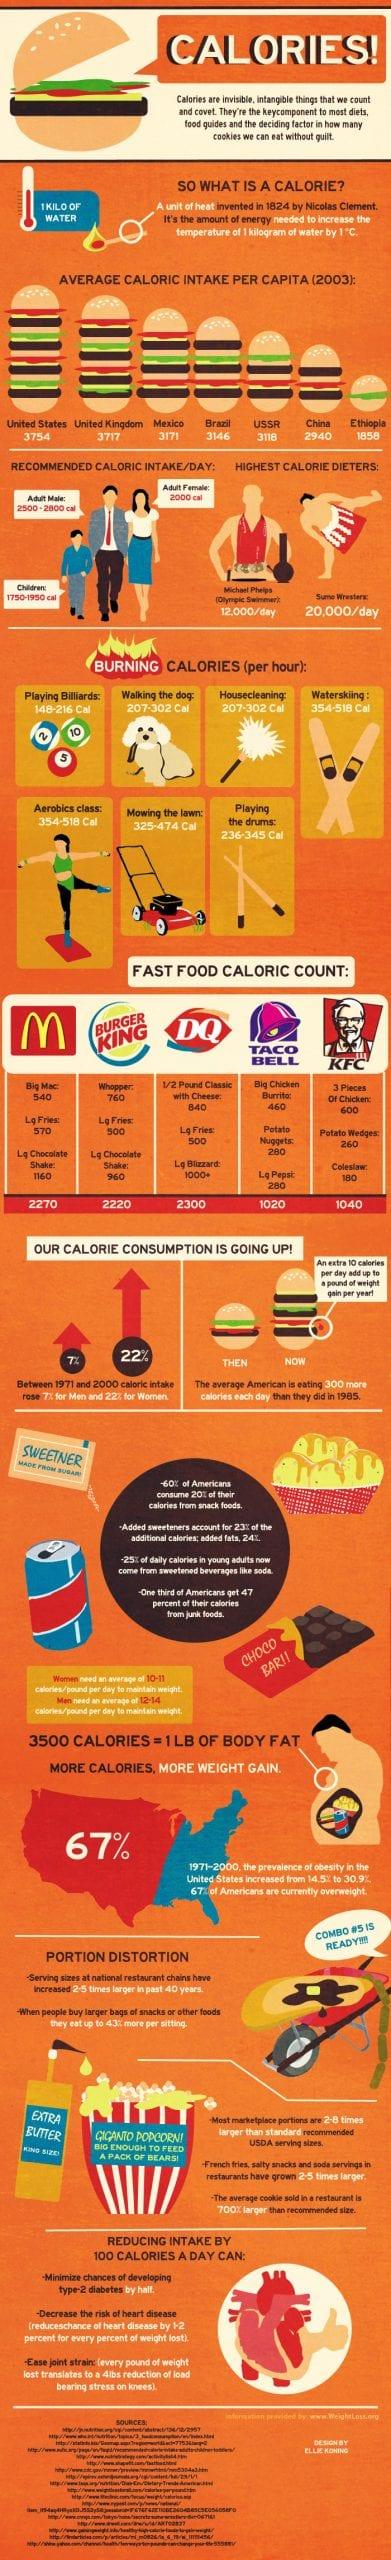 Calories!